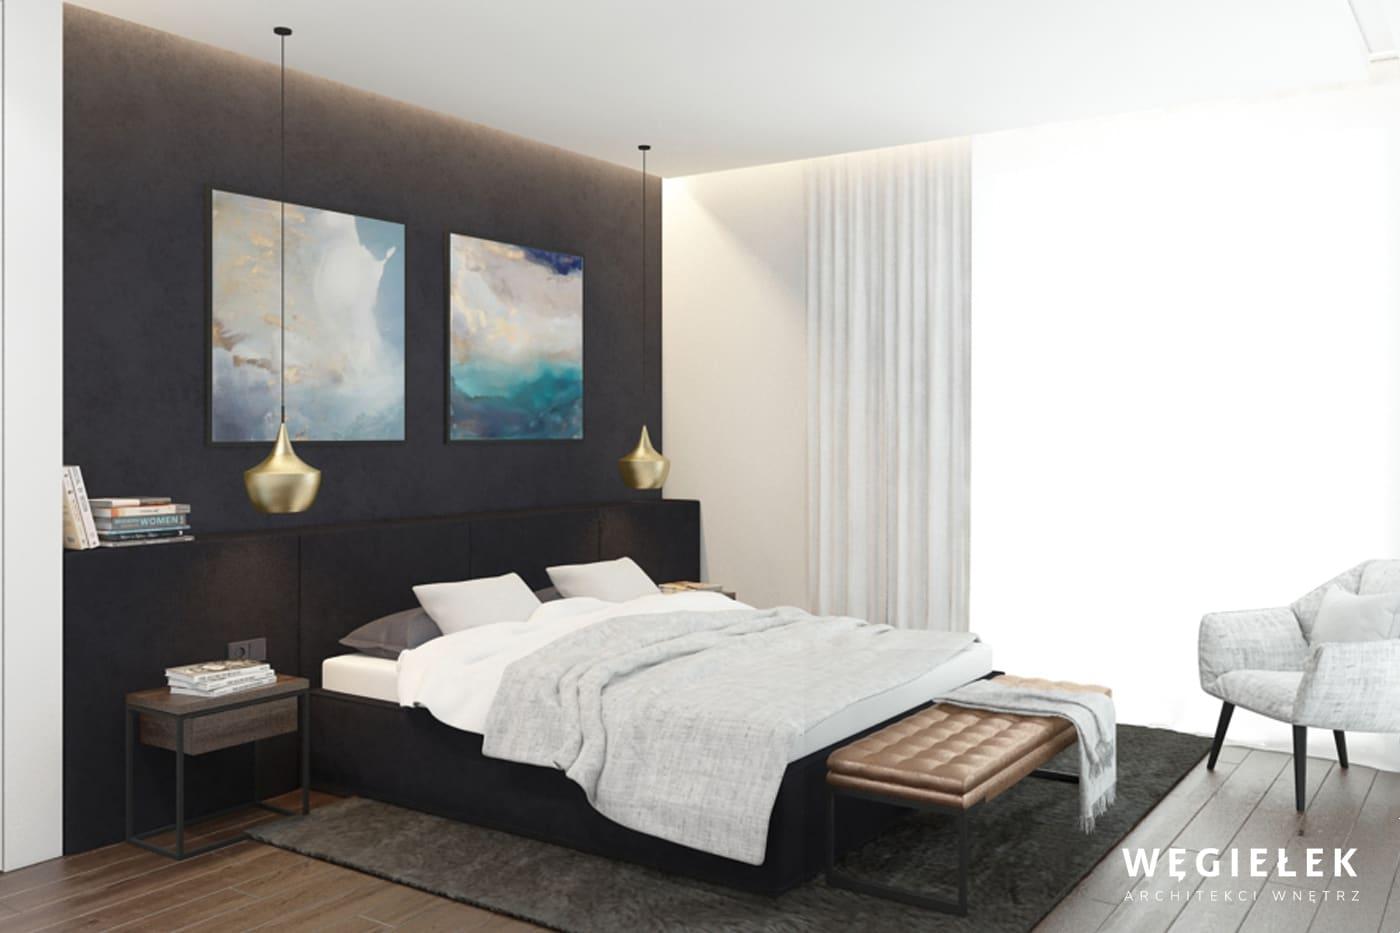 08 sypialnia z tapicerowanym zaglowkiem